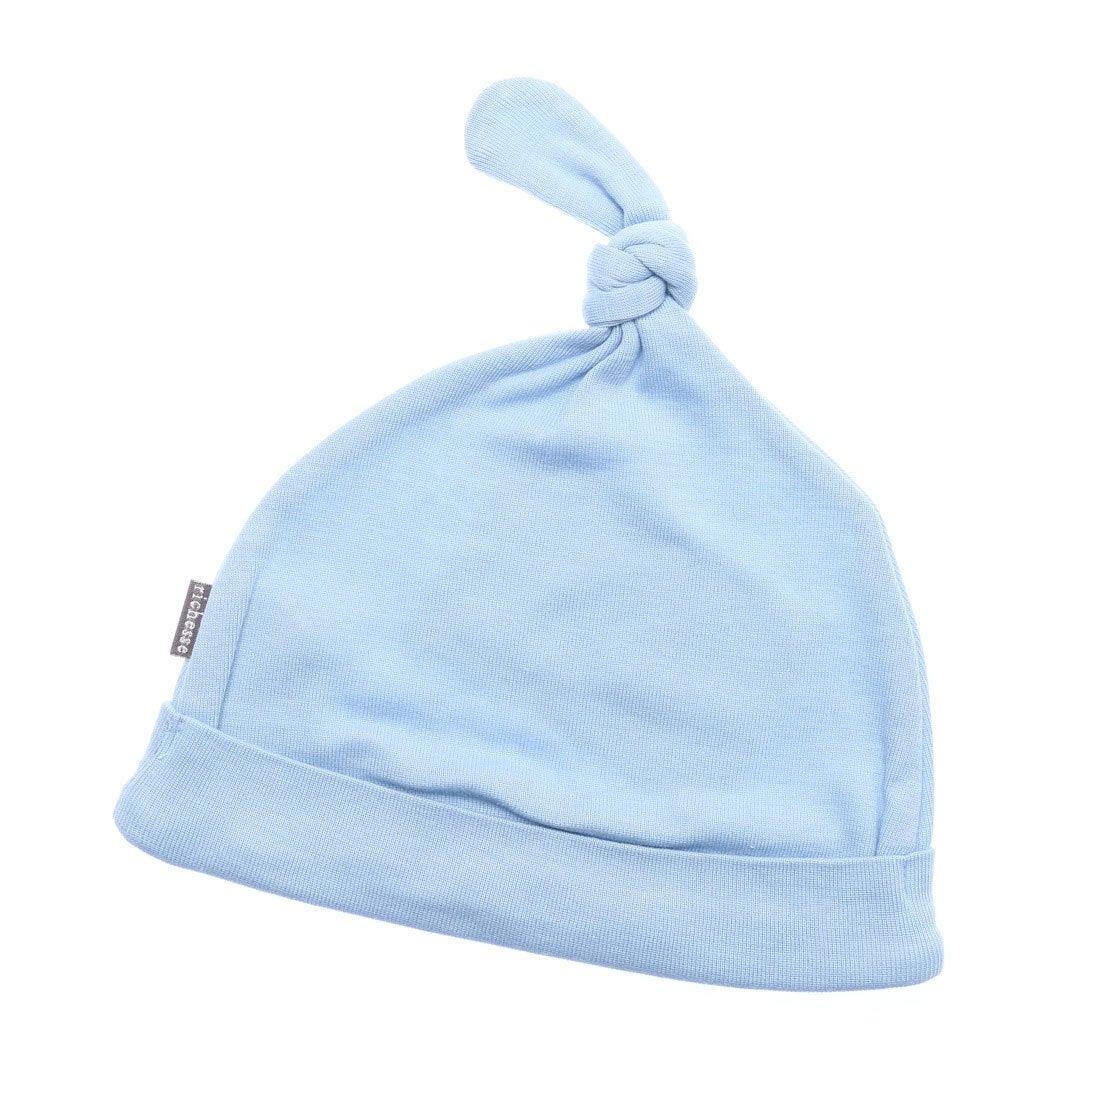 03221e9035876 リシェス richesse 綿新生児フード (ブルー) -アウトレット通販 ロコレット (LOCOLET)